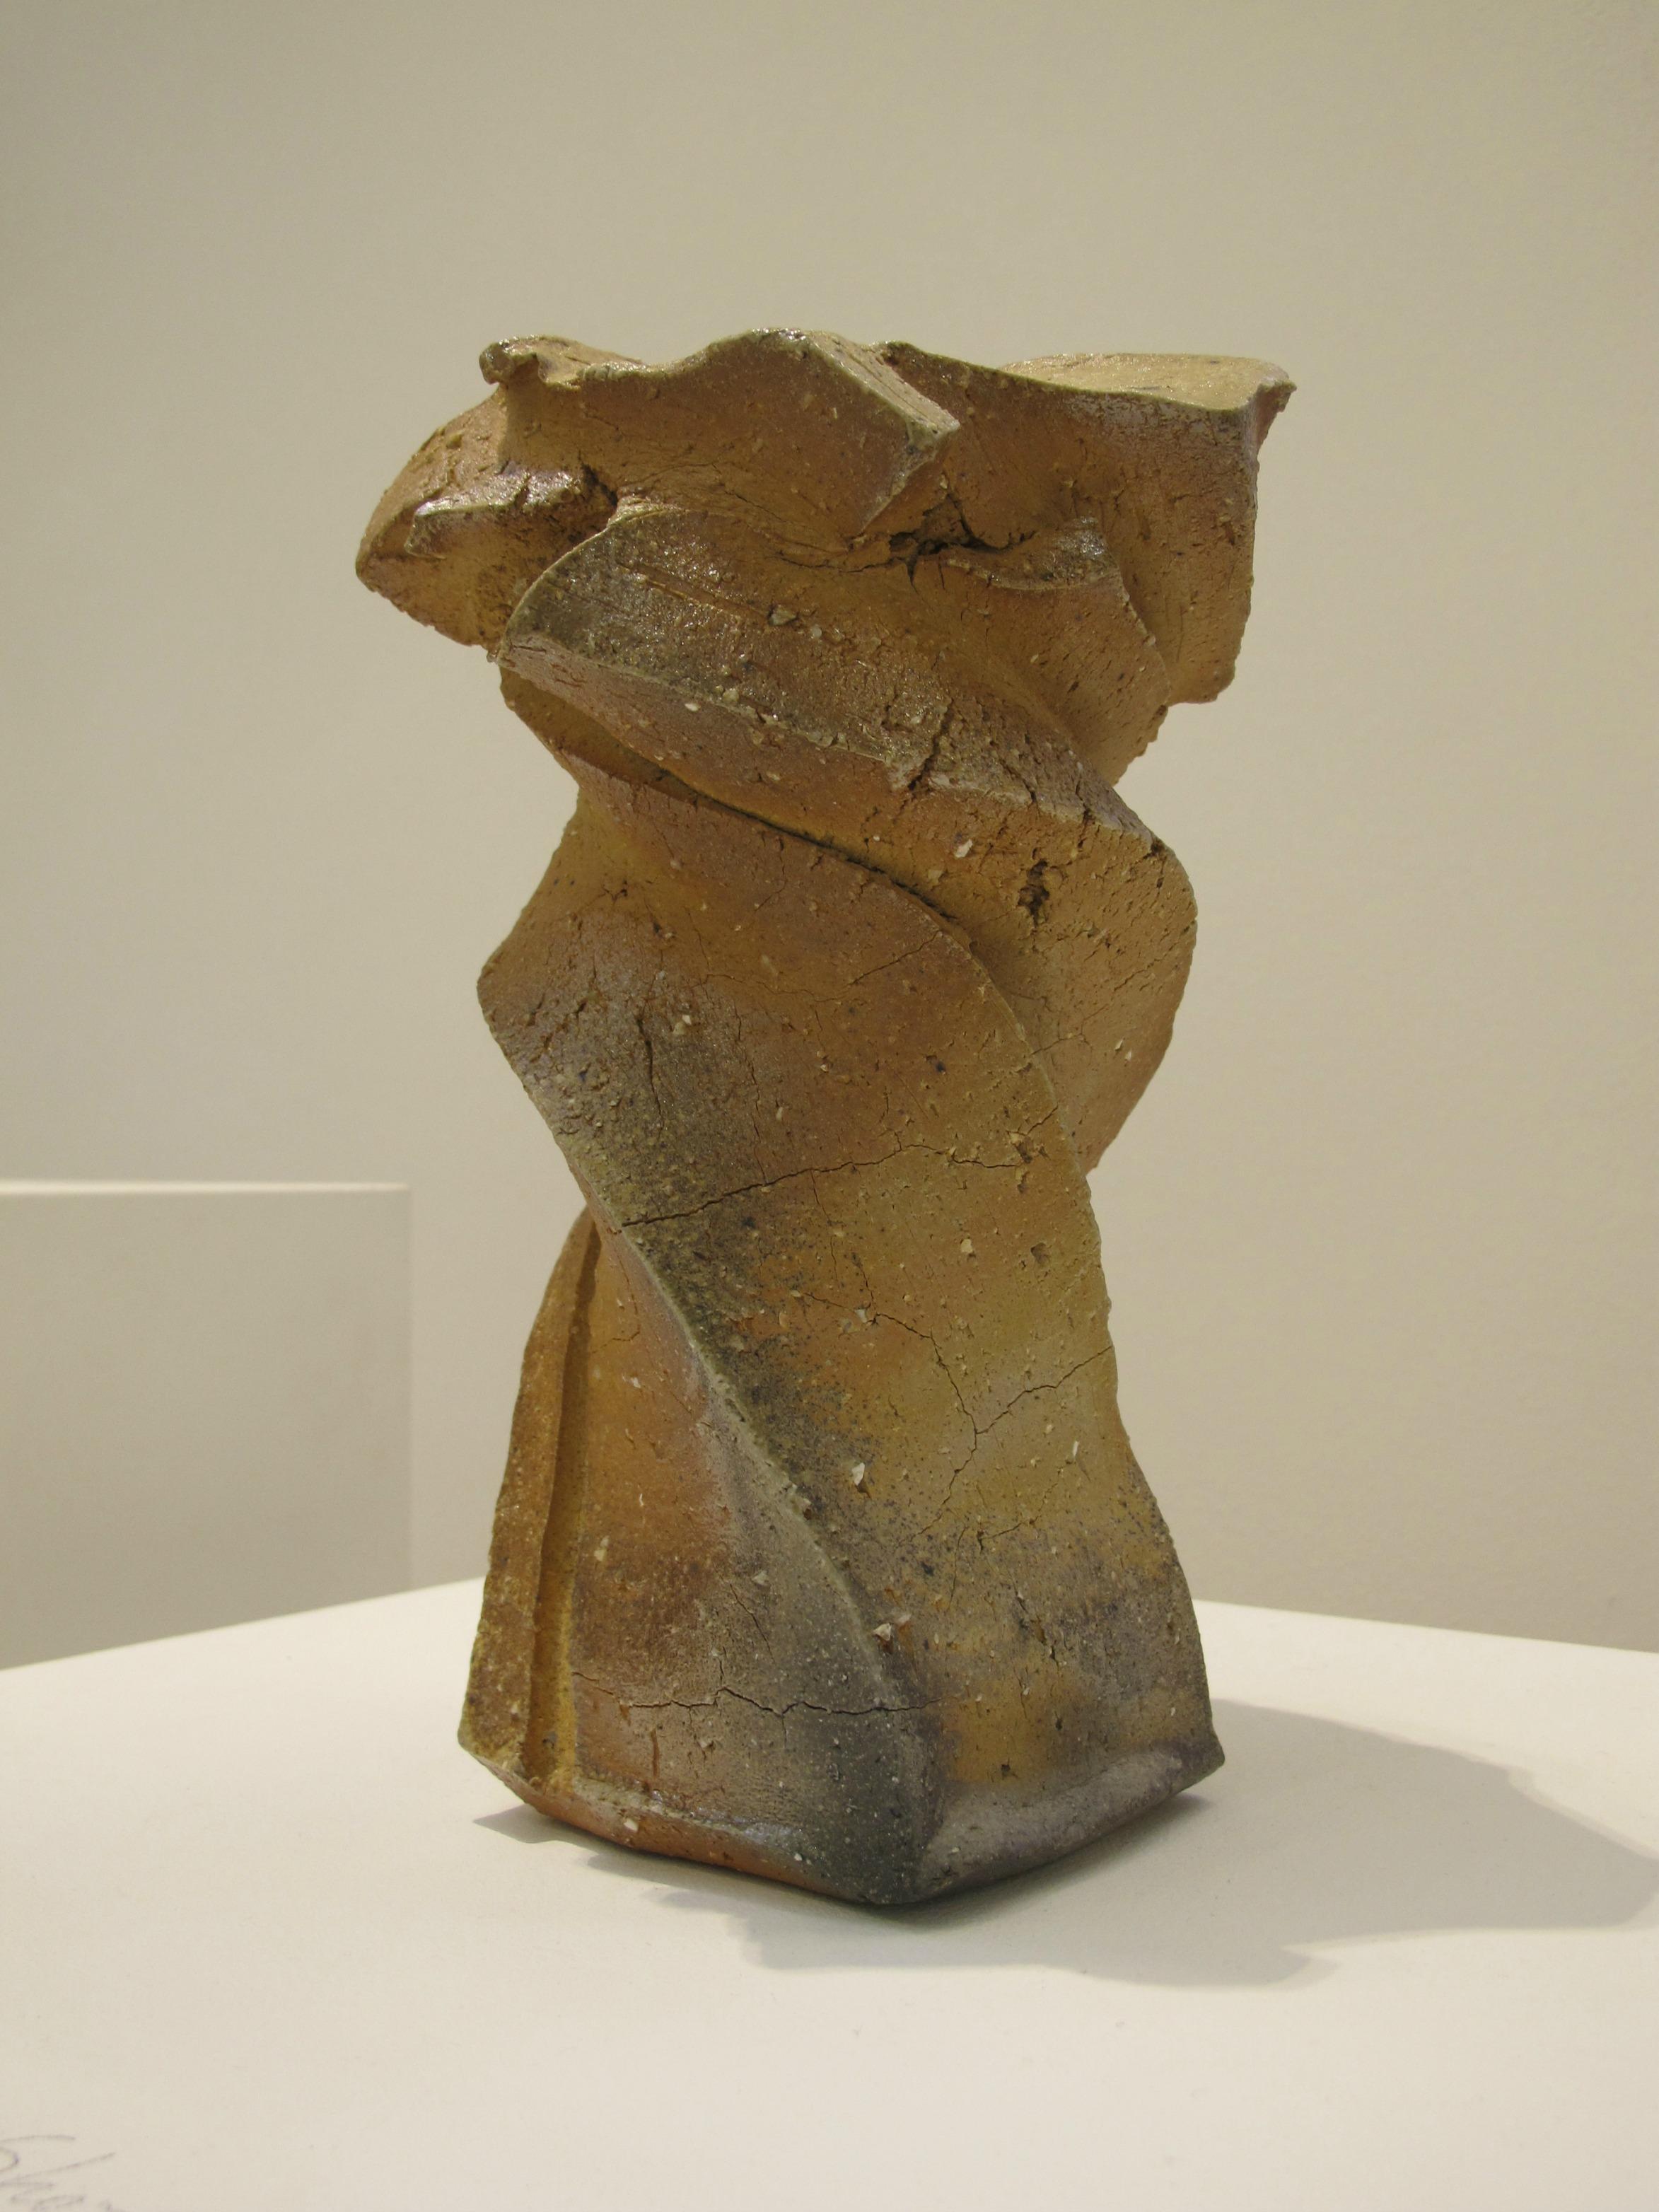 Ceramic by Shozo Michikawa, photo by Cristina.